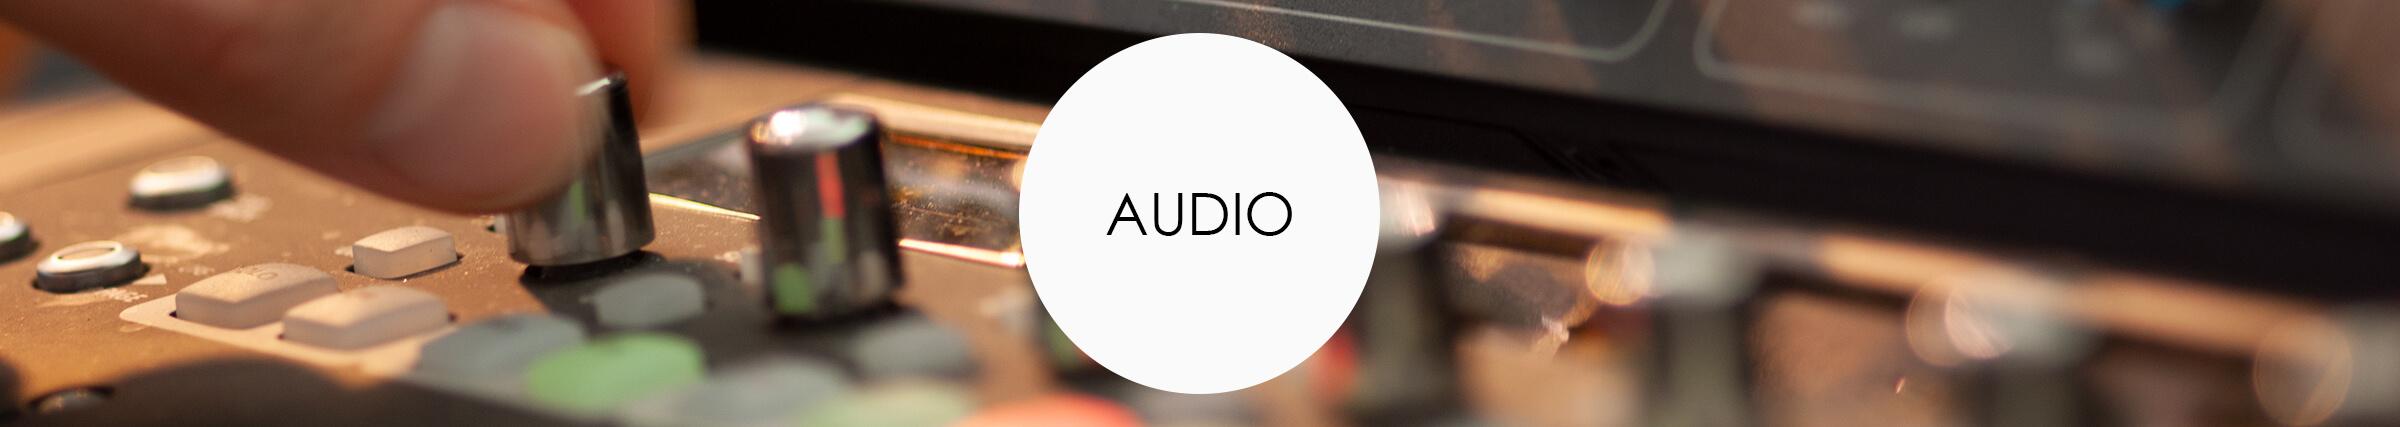 audio-full